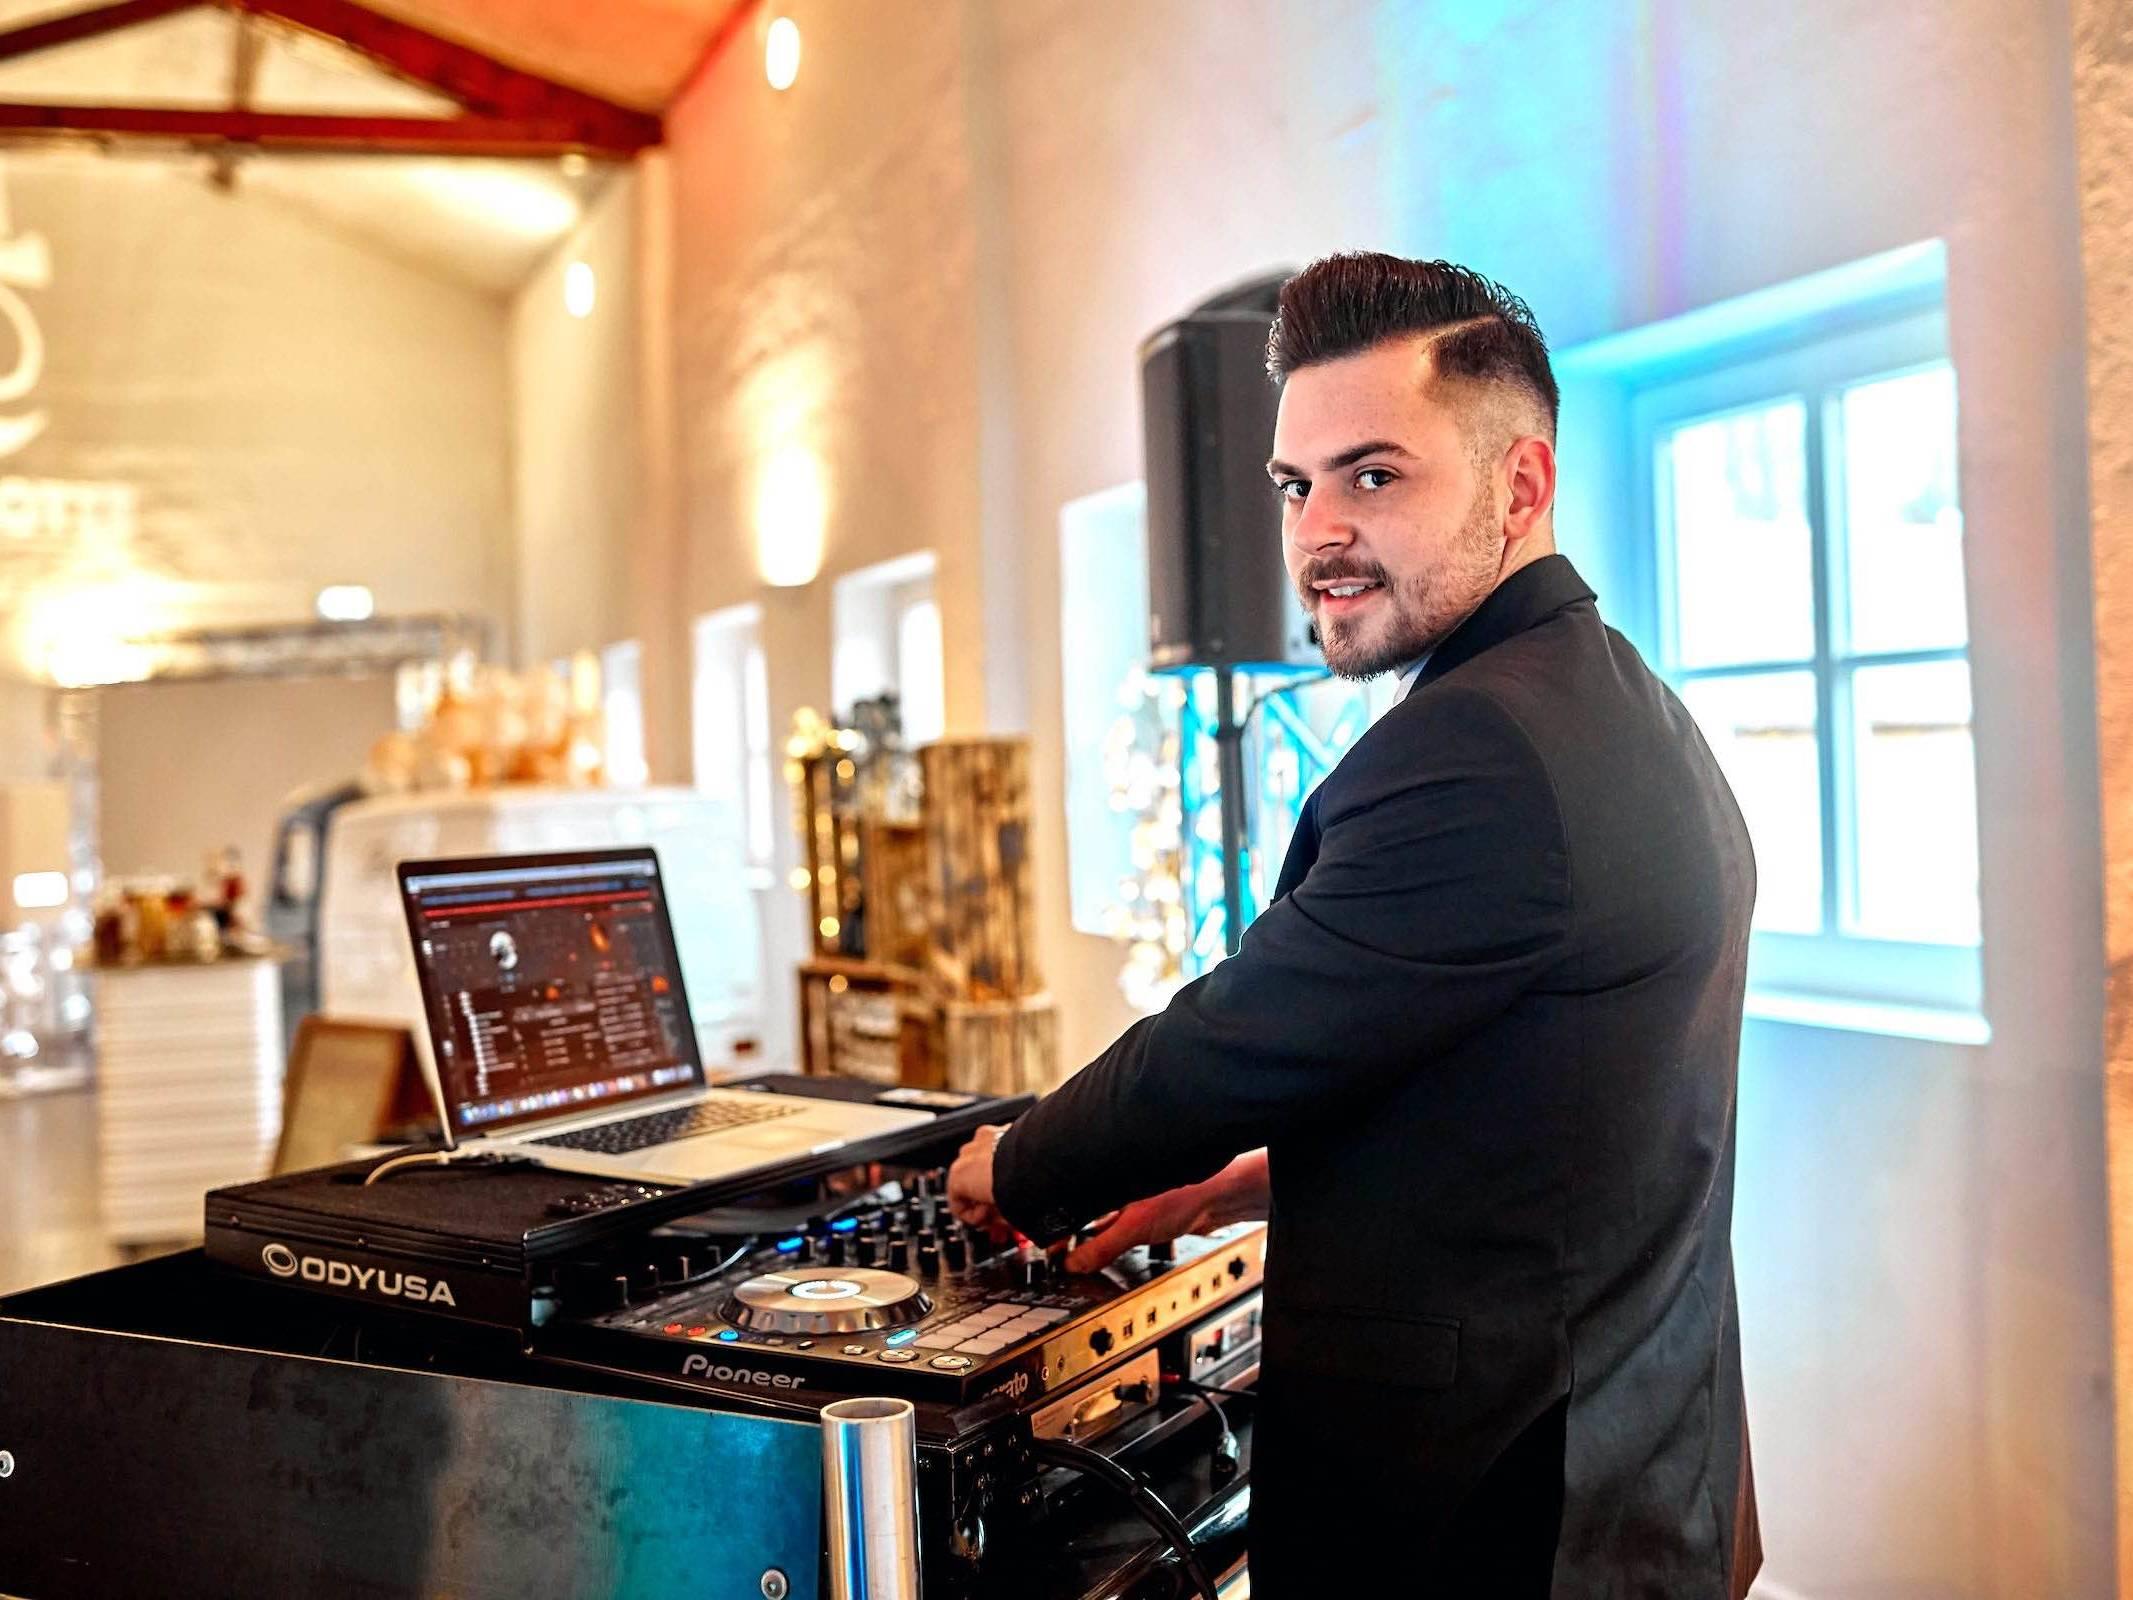 DJ | Hochzeit | Hamburg | Discjockey Messe | Event | DJ | Geburtstag | Betriebsfeier | Buchen | Discjockey | Mieten | Anfragen | DJ | Marvin | Hamburgfeiert